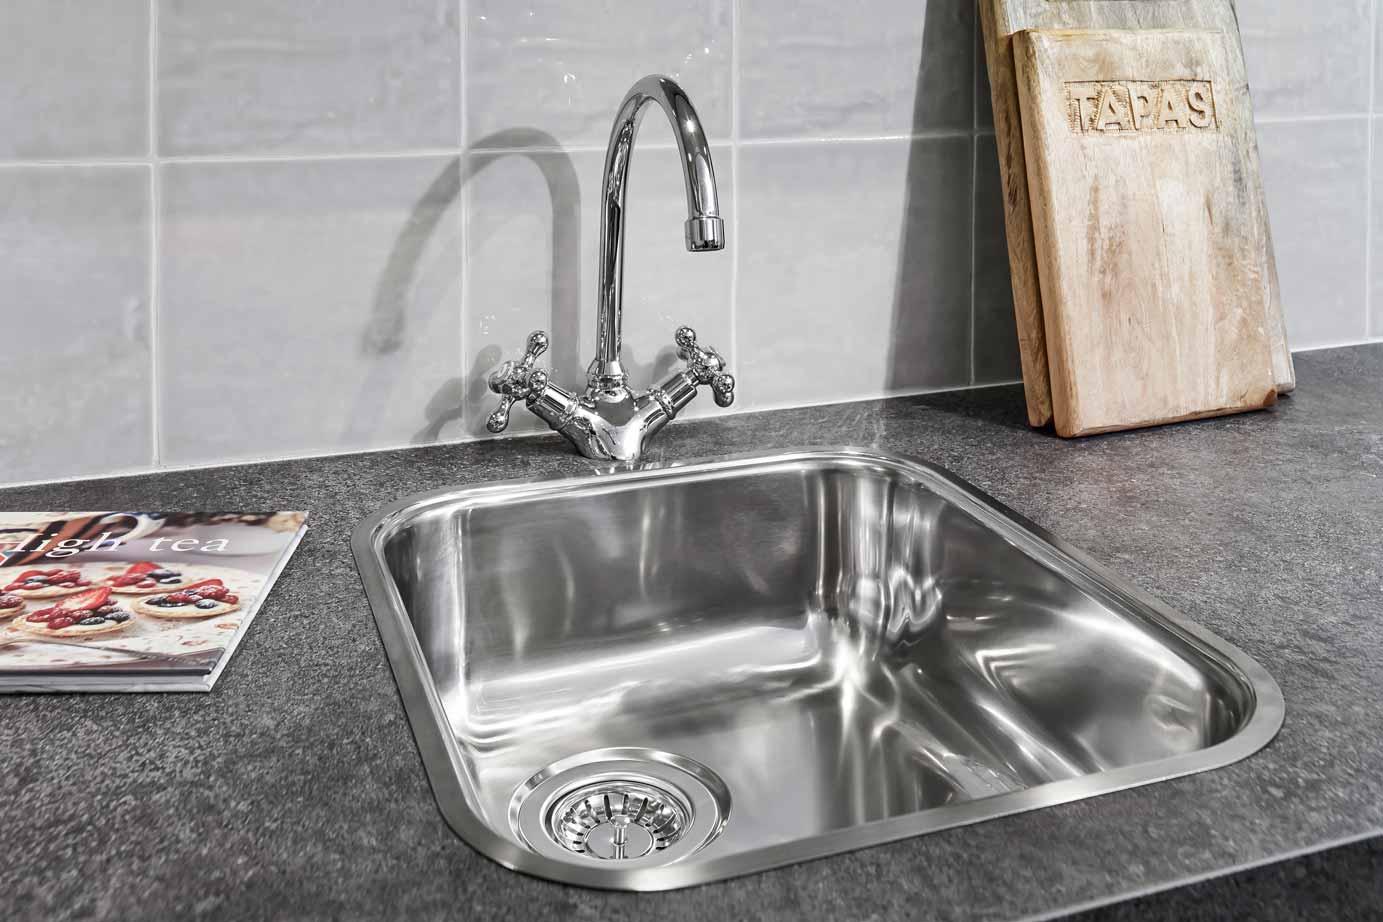 Goedkope wasbak keuken: sifon keuken better goedkope villeroy boch